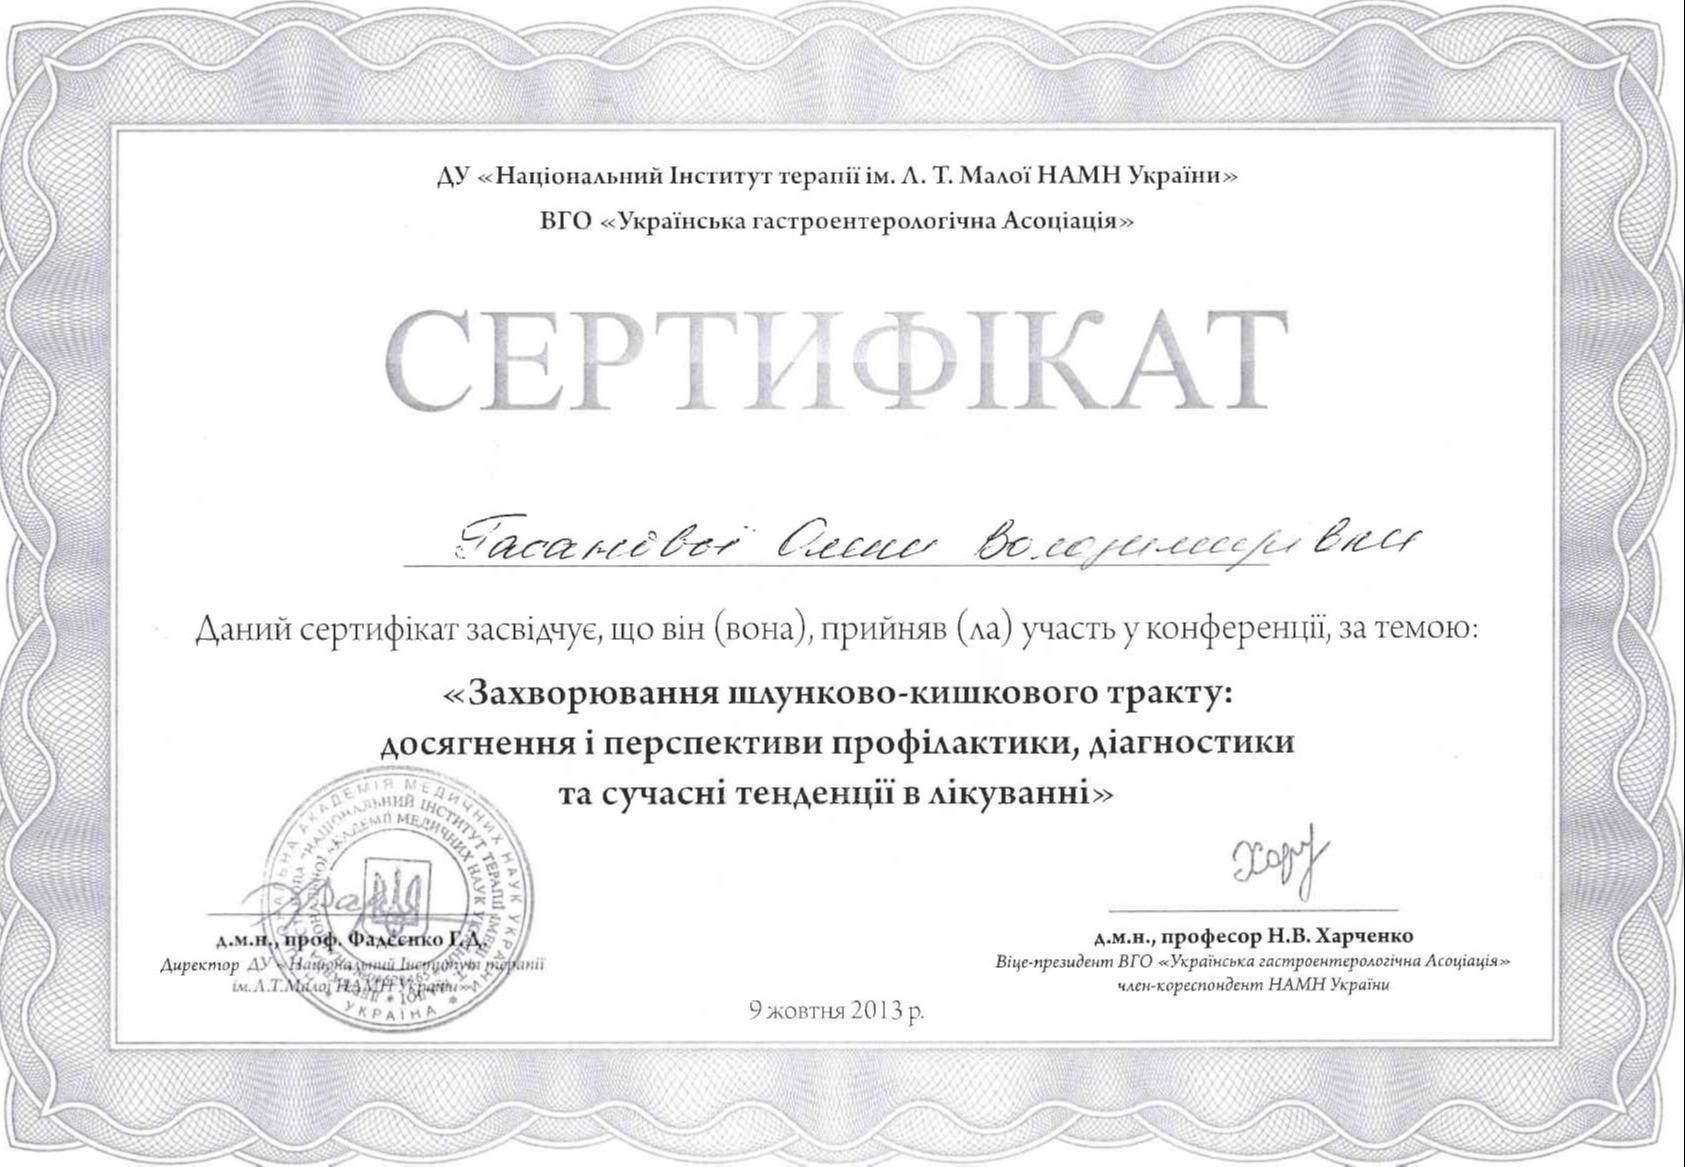 Сертификат об участии в конференции Захворювання шлунково-кишкового тракту: досягнення і перспективи